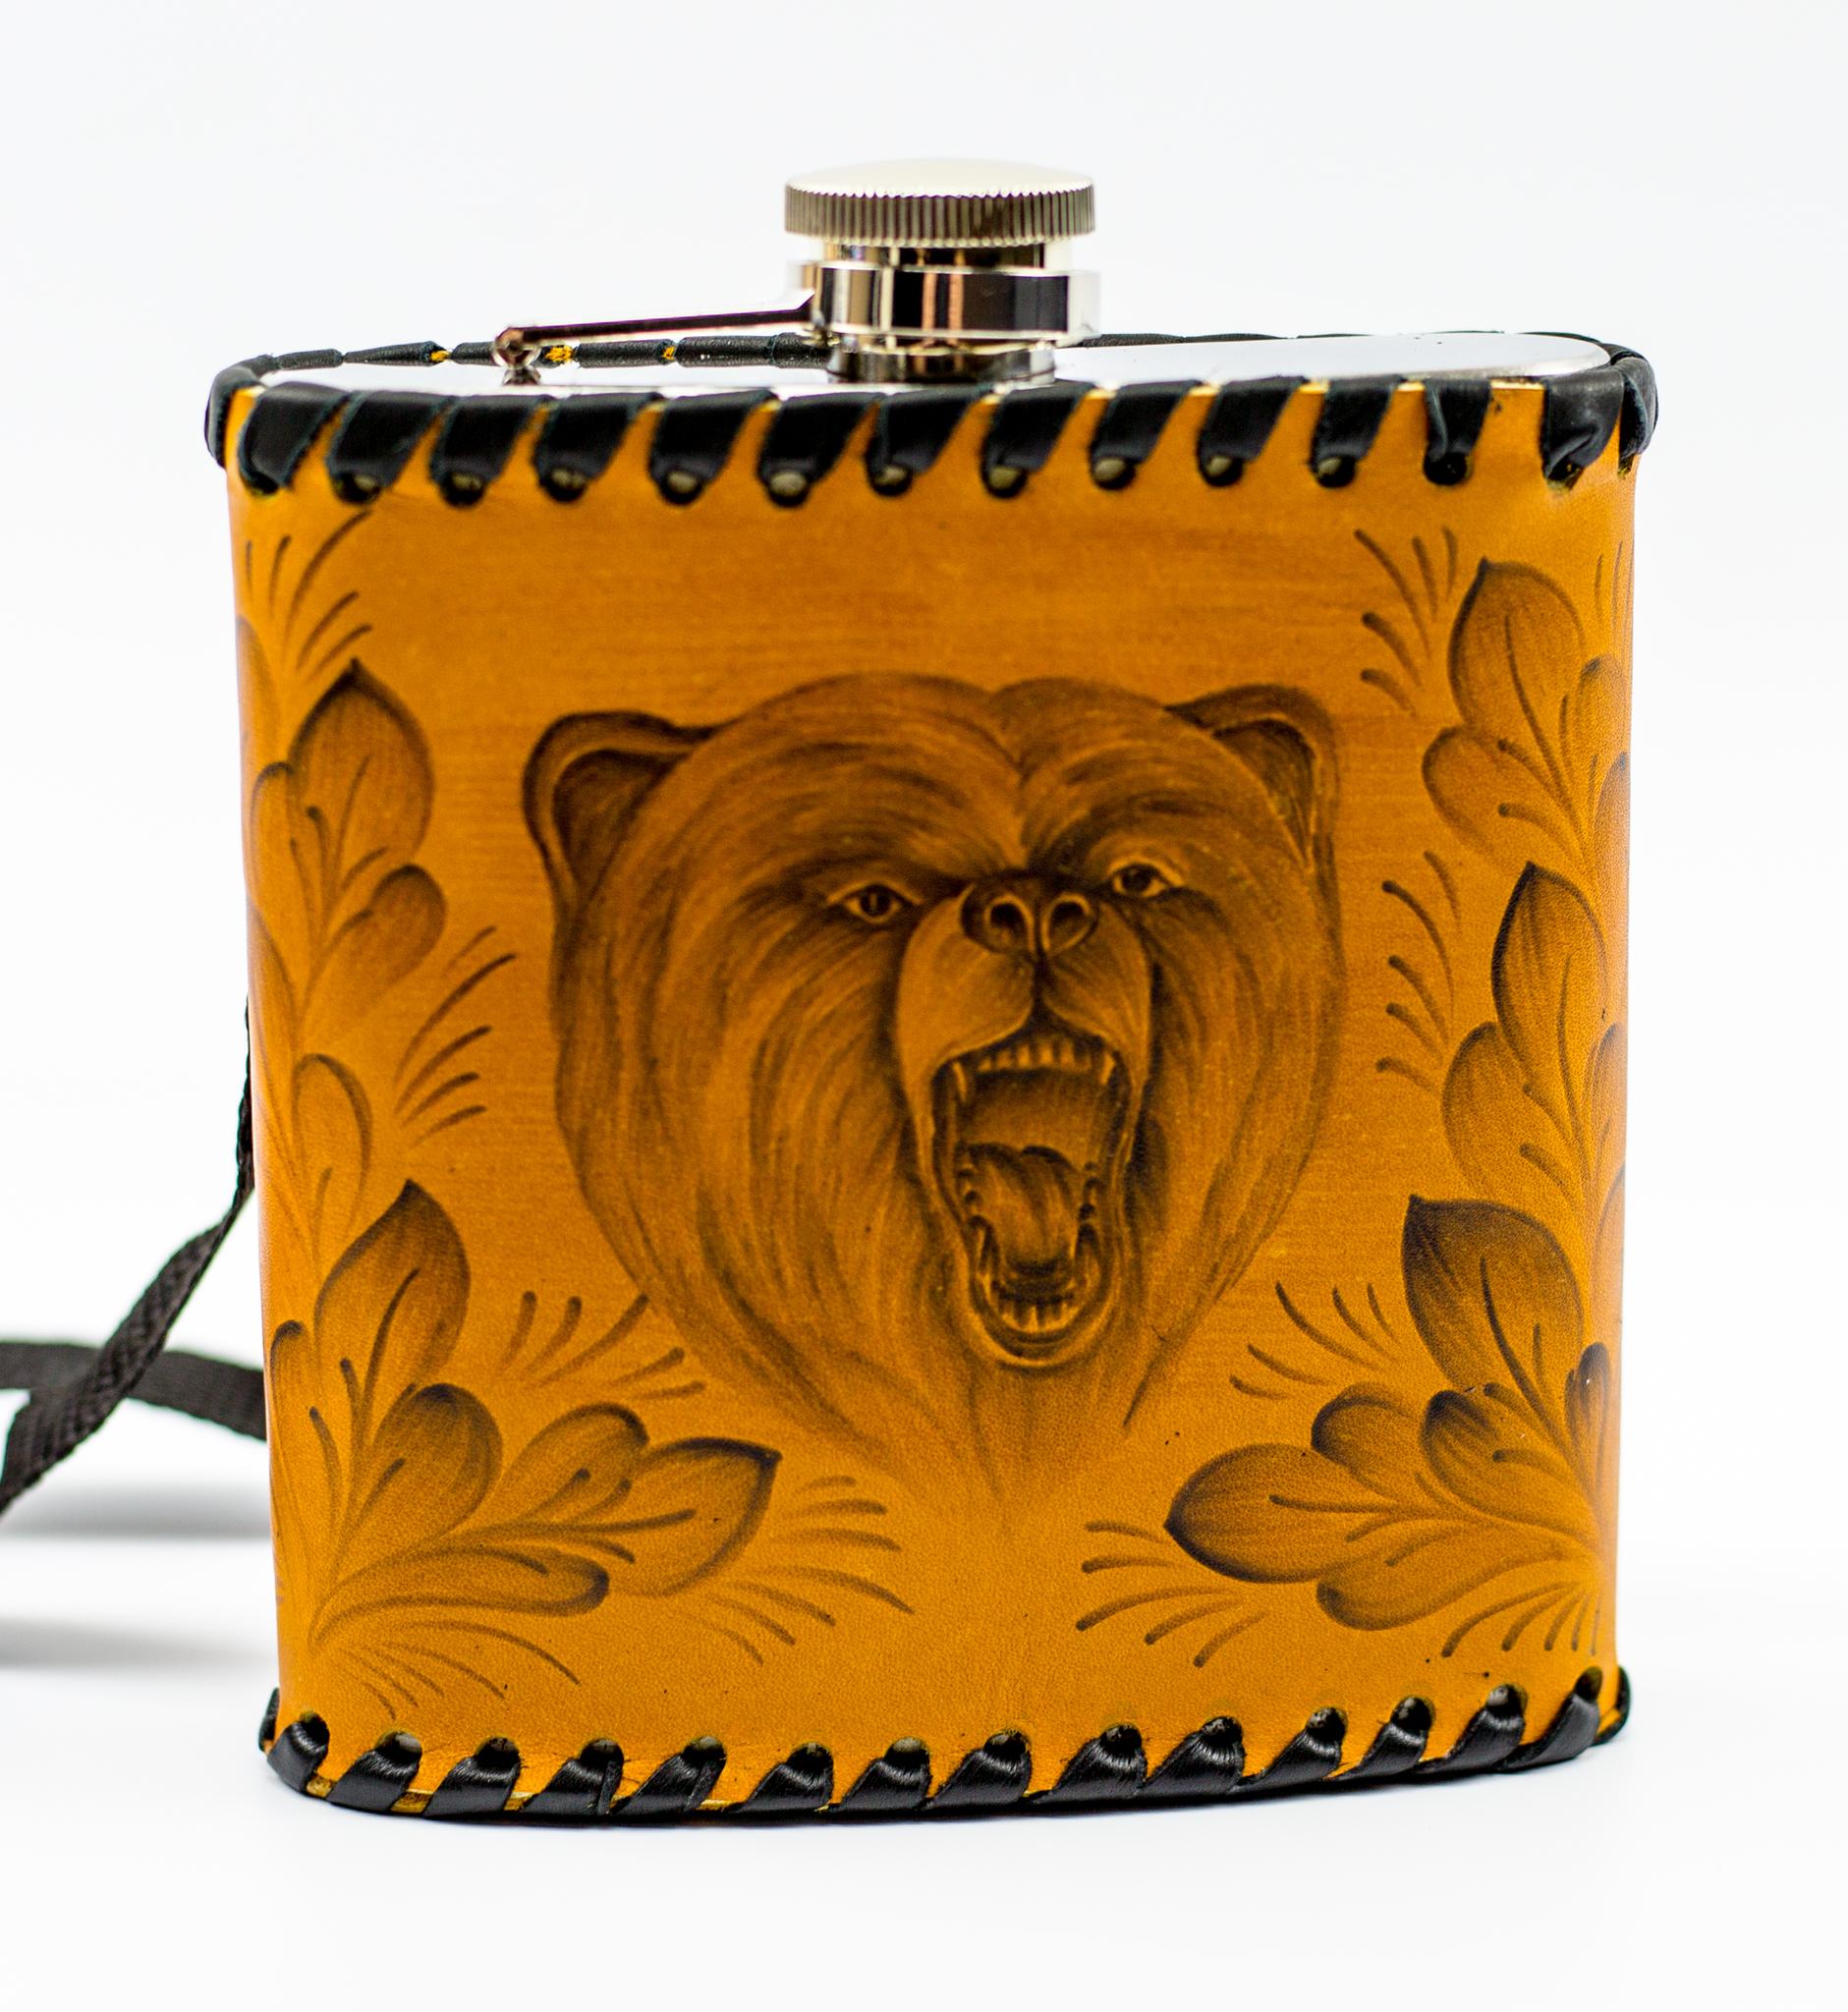 Фляга «Медведь», натуральная кожа с художественным выжиганием, 500 мл фляга c оленем натуральная кожа 900 мл